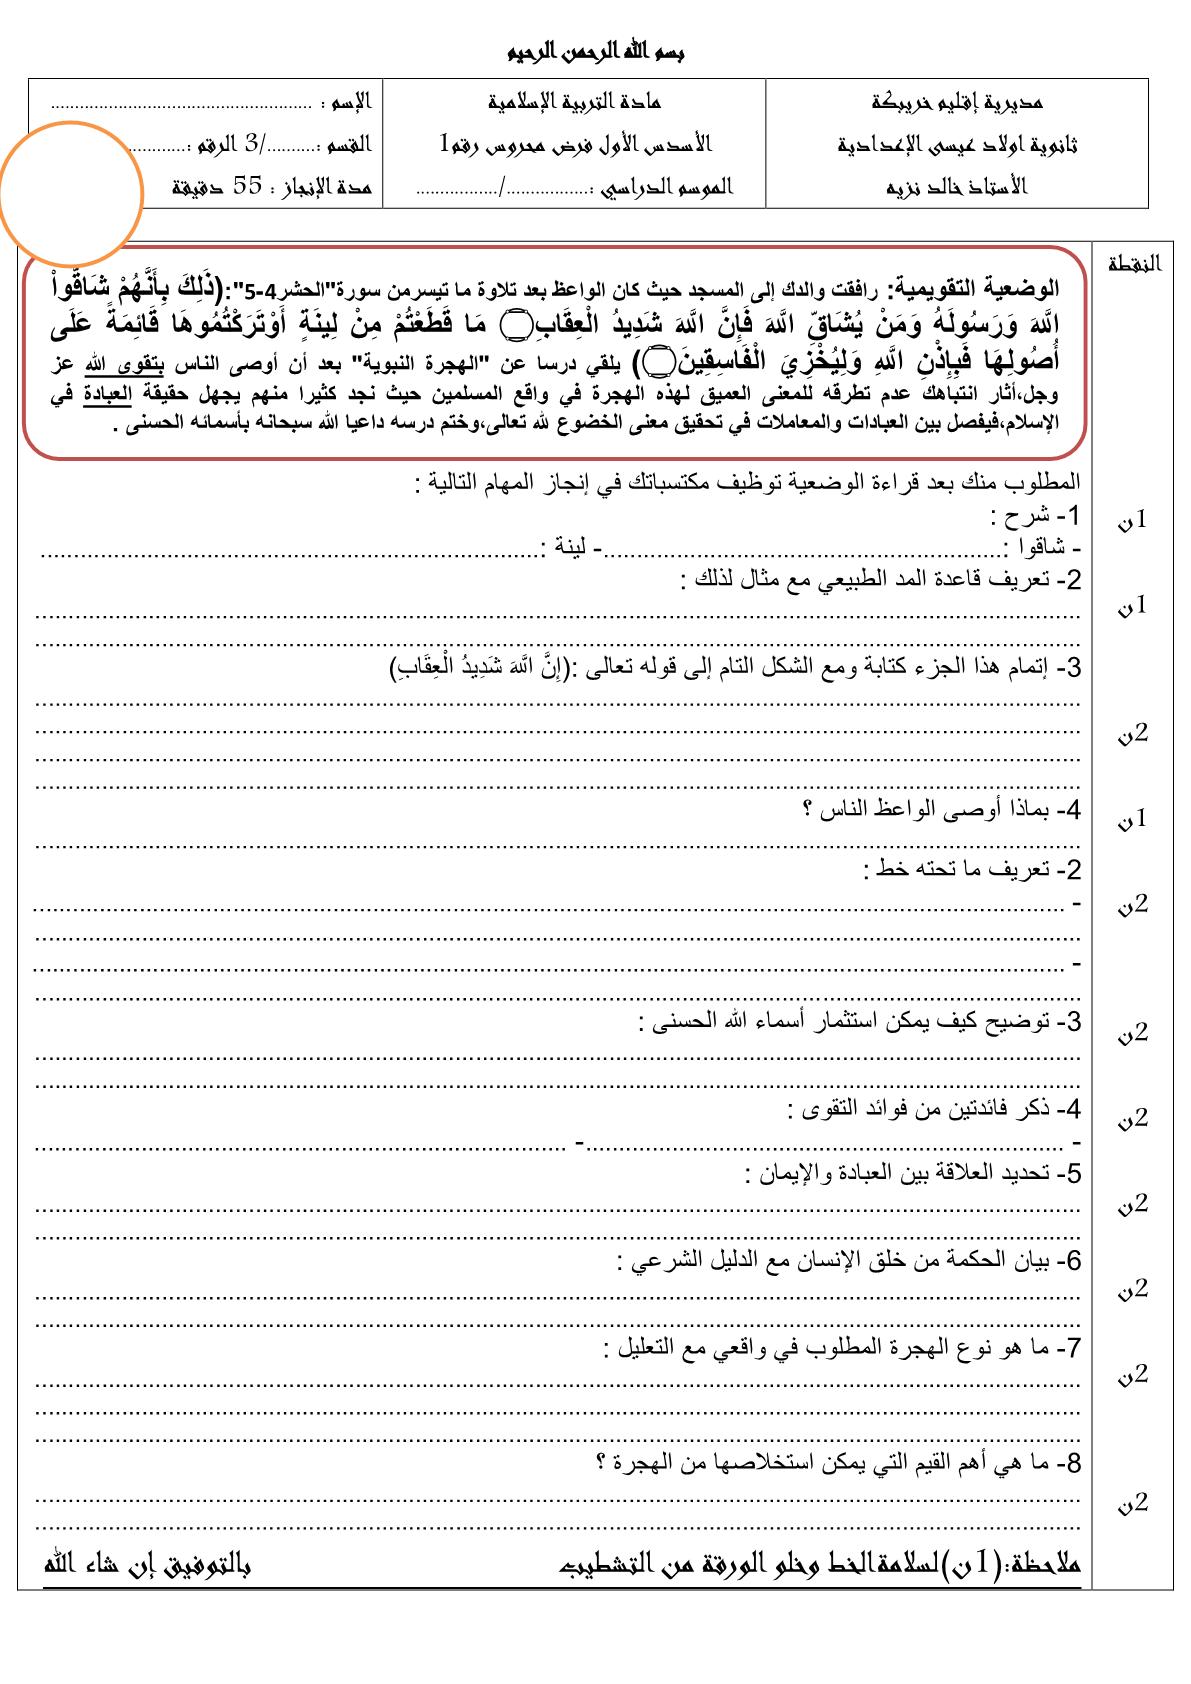 الفرض الثاني مادة التربية الاسلامية للسنة الثالثة اعدادي